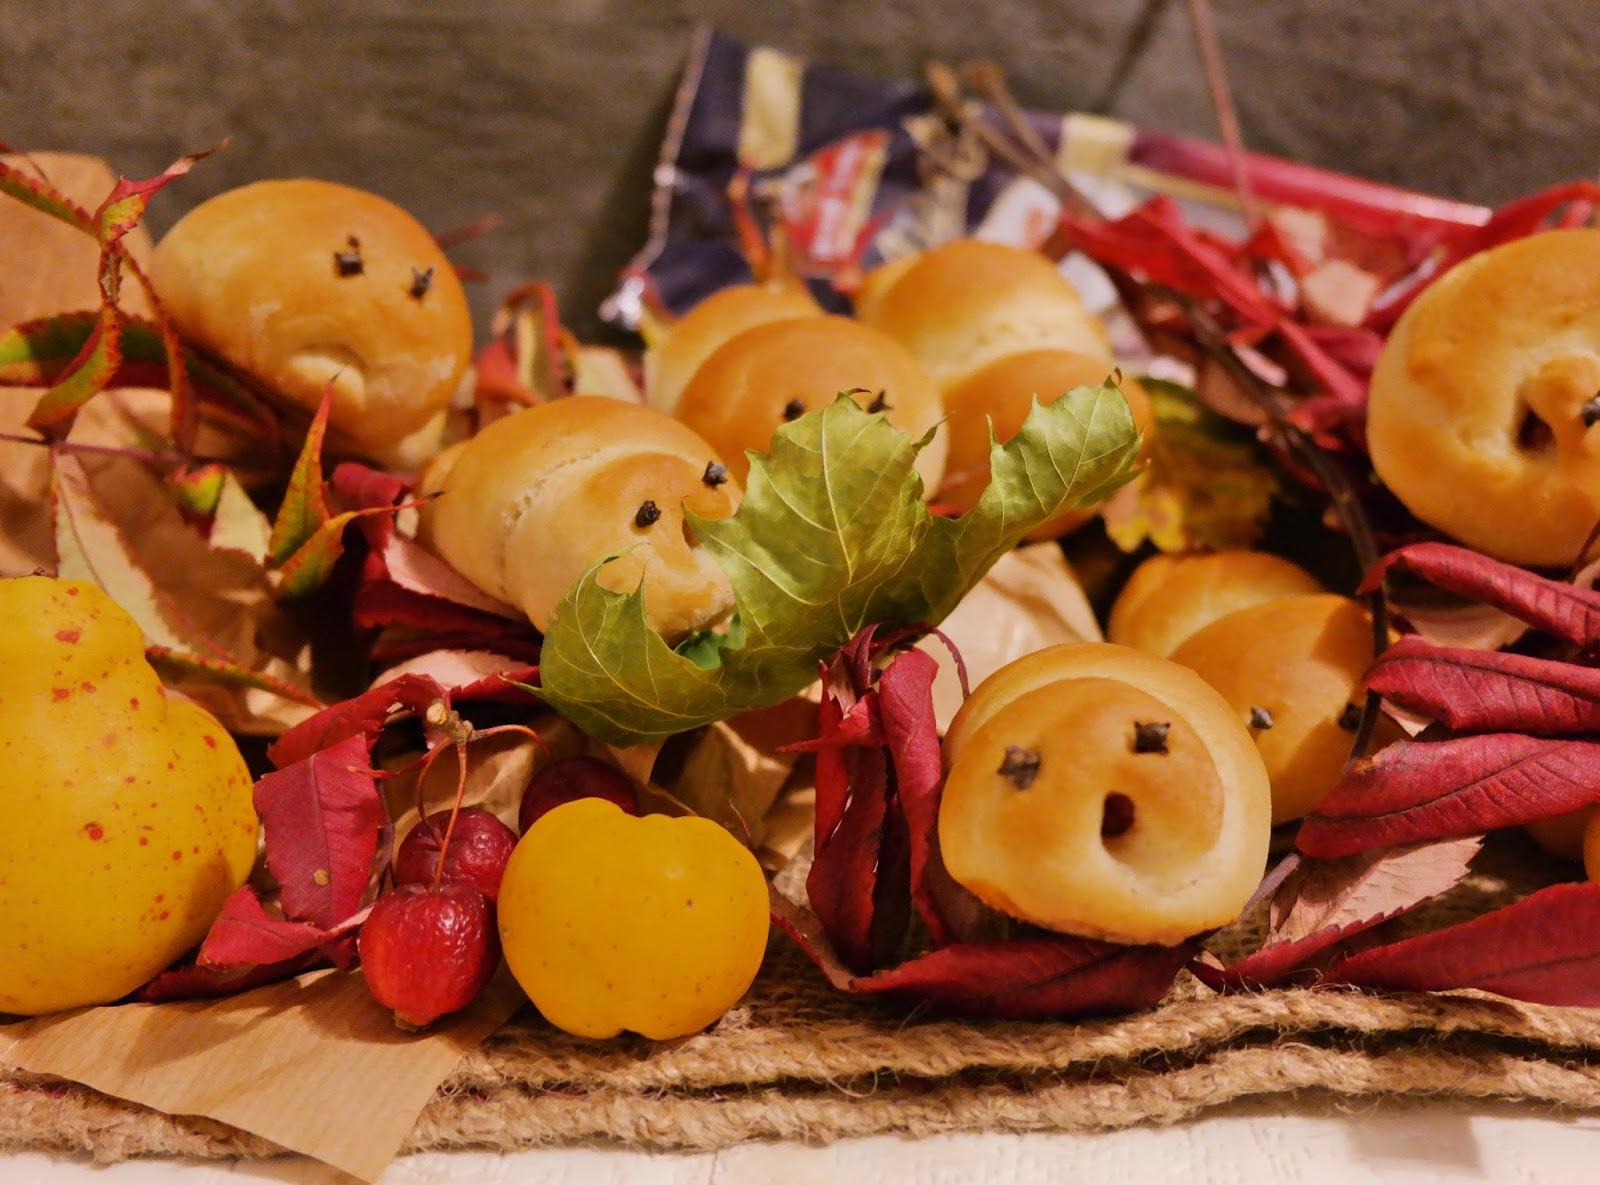 Ślimaki z ciasta drożdżowego i kabanosów